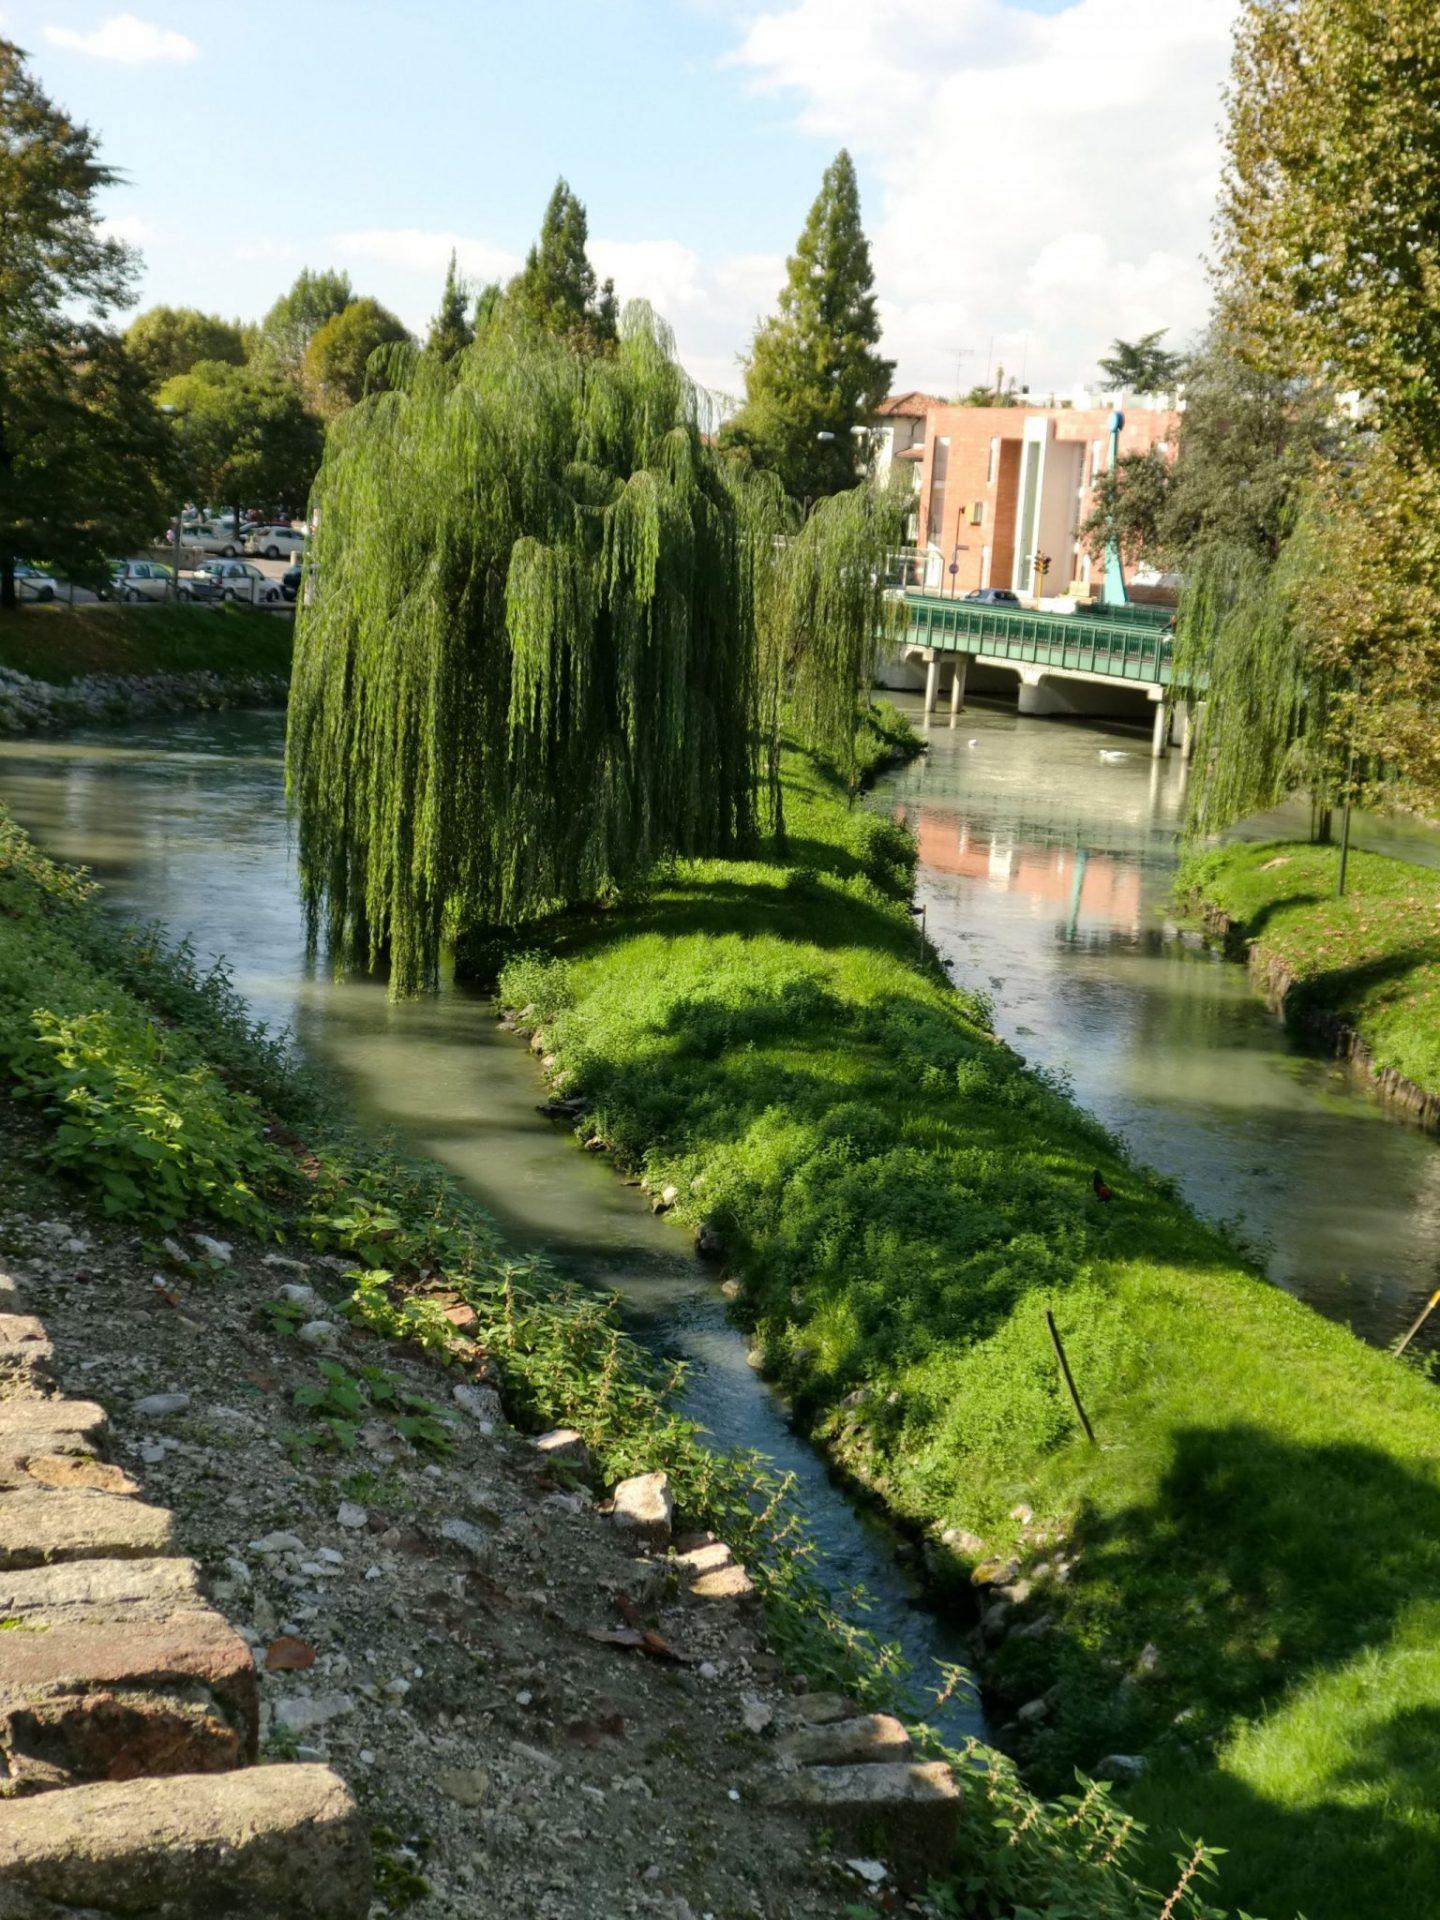 Treviso parco 9 1440x1920 - Treviso: Italian beauty